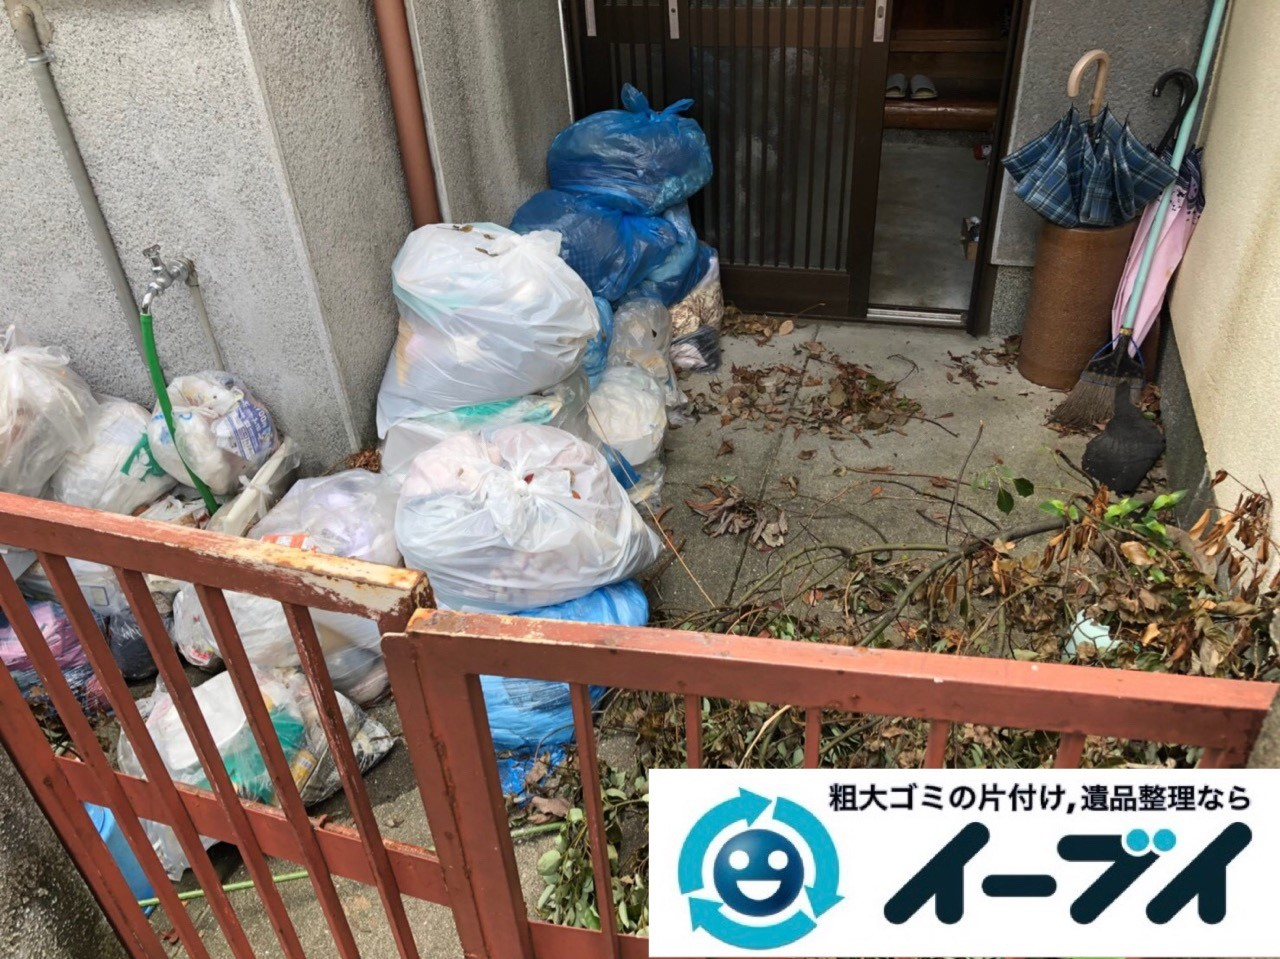 2018年11月6日大阪府東大阪市で放置していたお庭の不用品の回収や片付けのご依頼。写真3